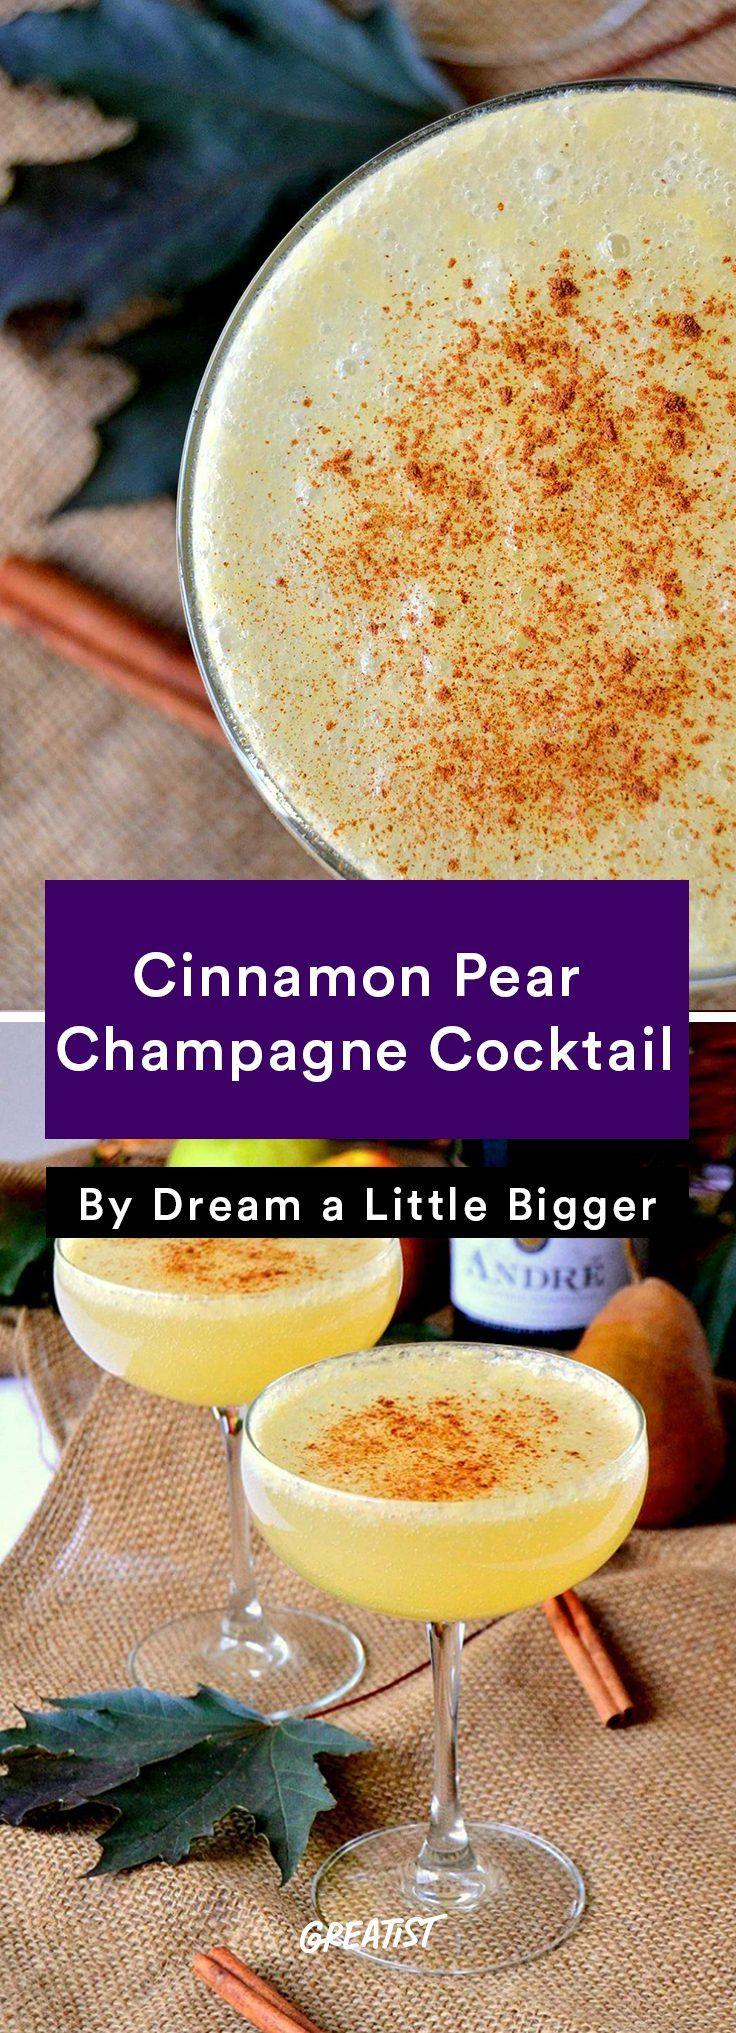 Cinnamon Pear Champagne Cocktail Recipe